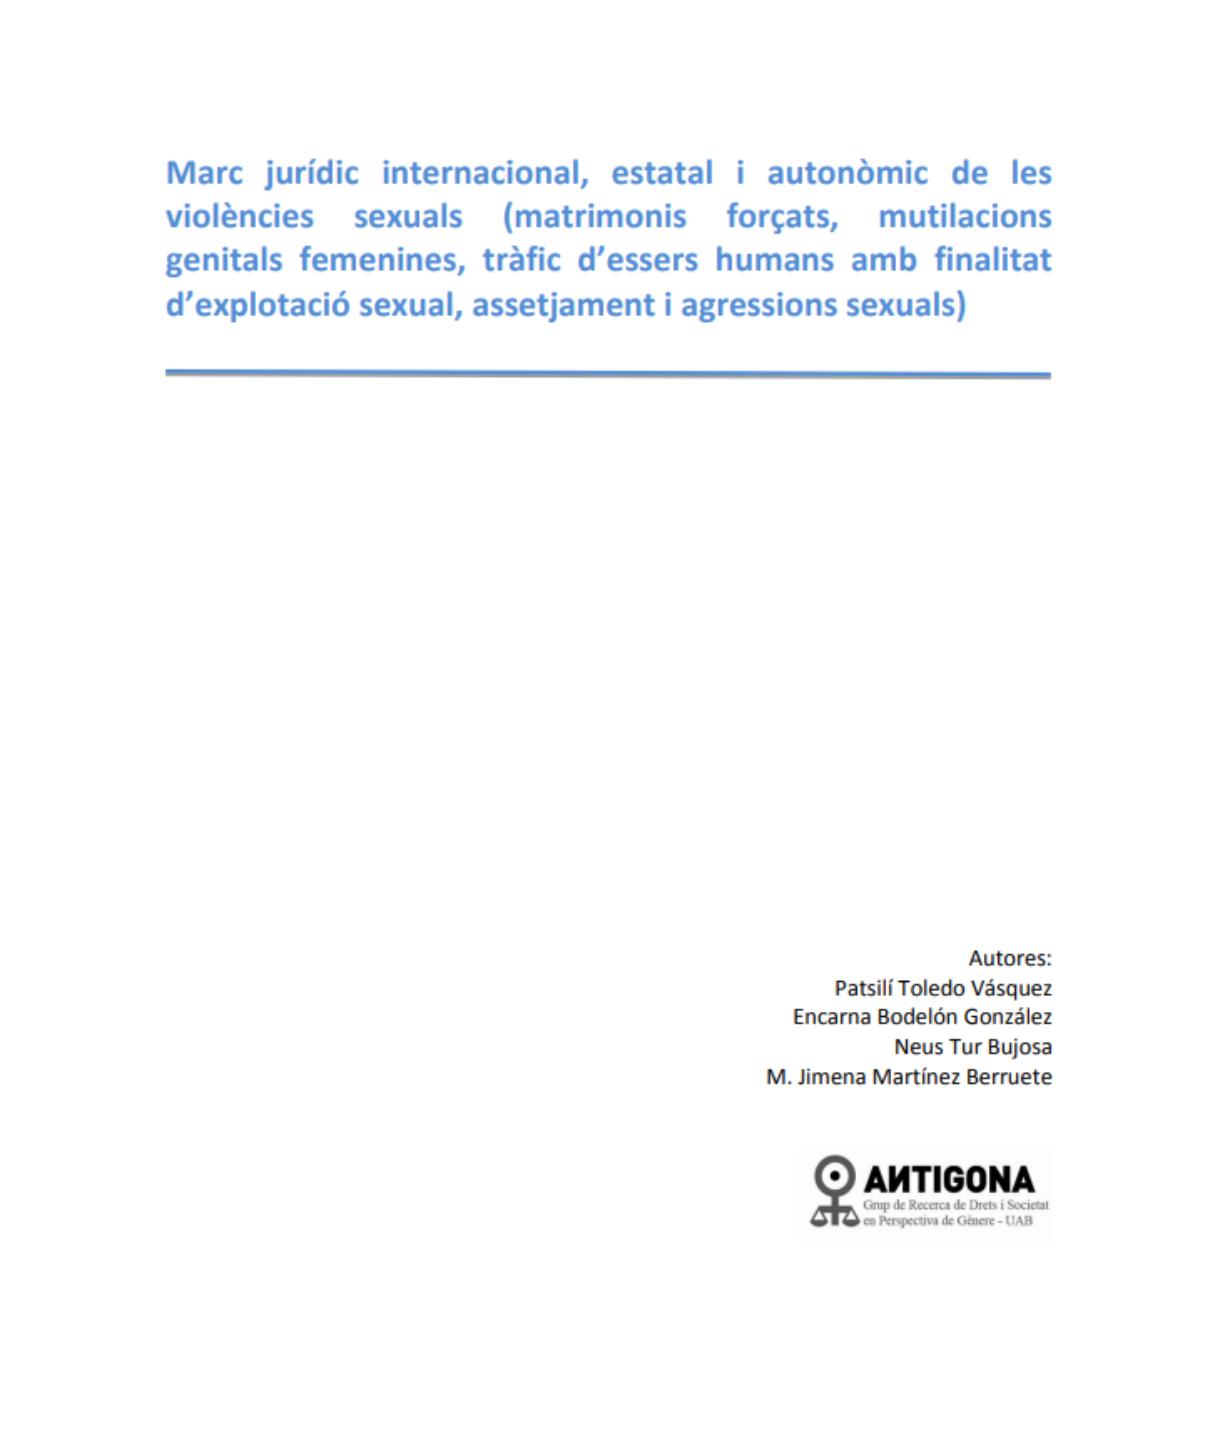 L'abordatge de les violències sexuals a Catalunya (Part 2. Marc jurídic)